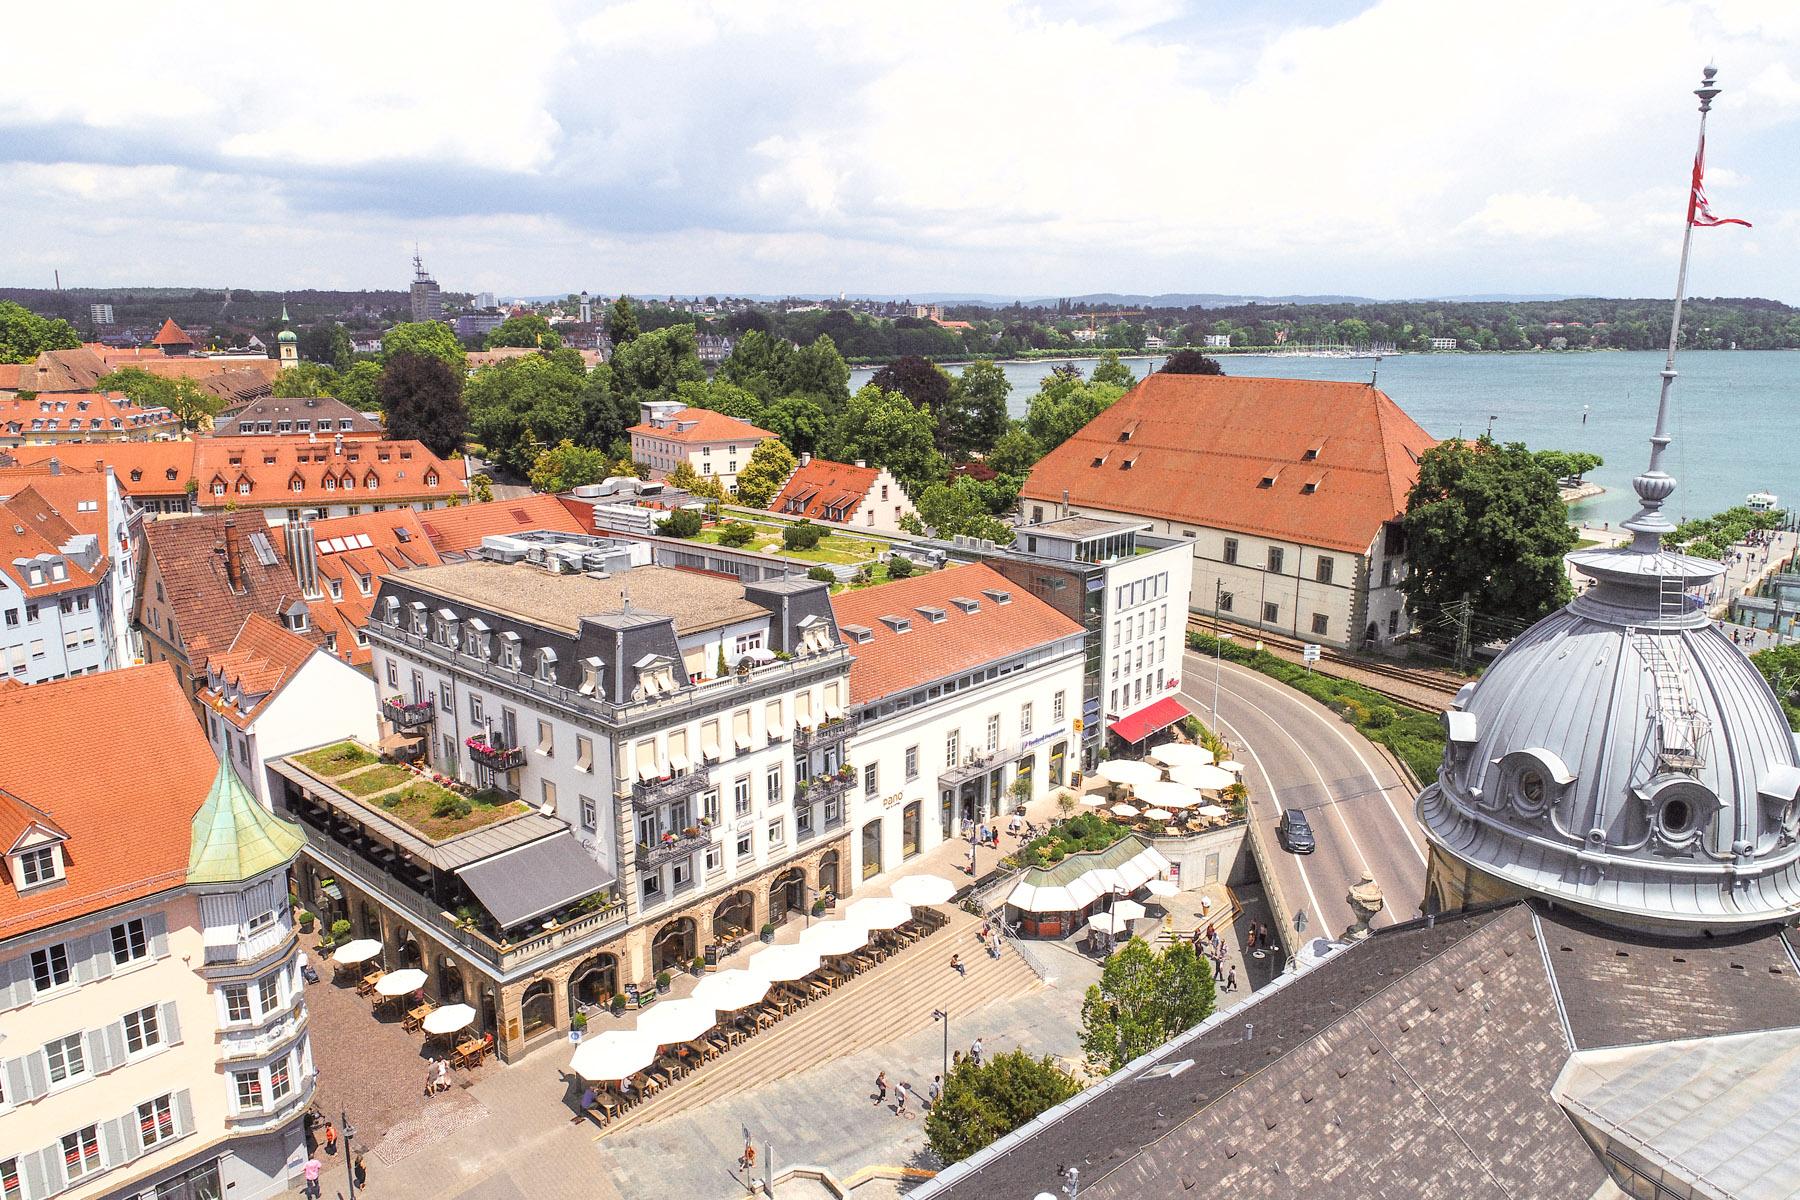 Luftbildaufnahme der Premium Altersresidenz Tertianum Konstanz am Bodensee